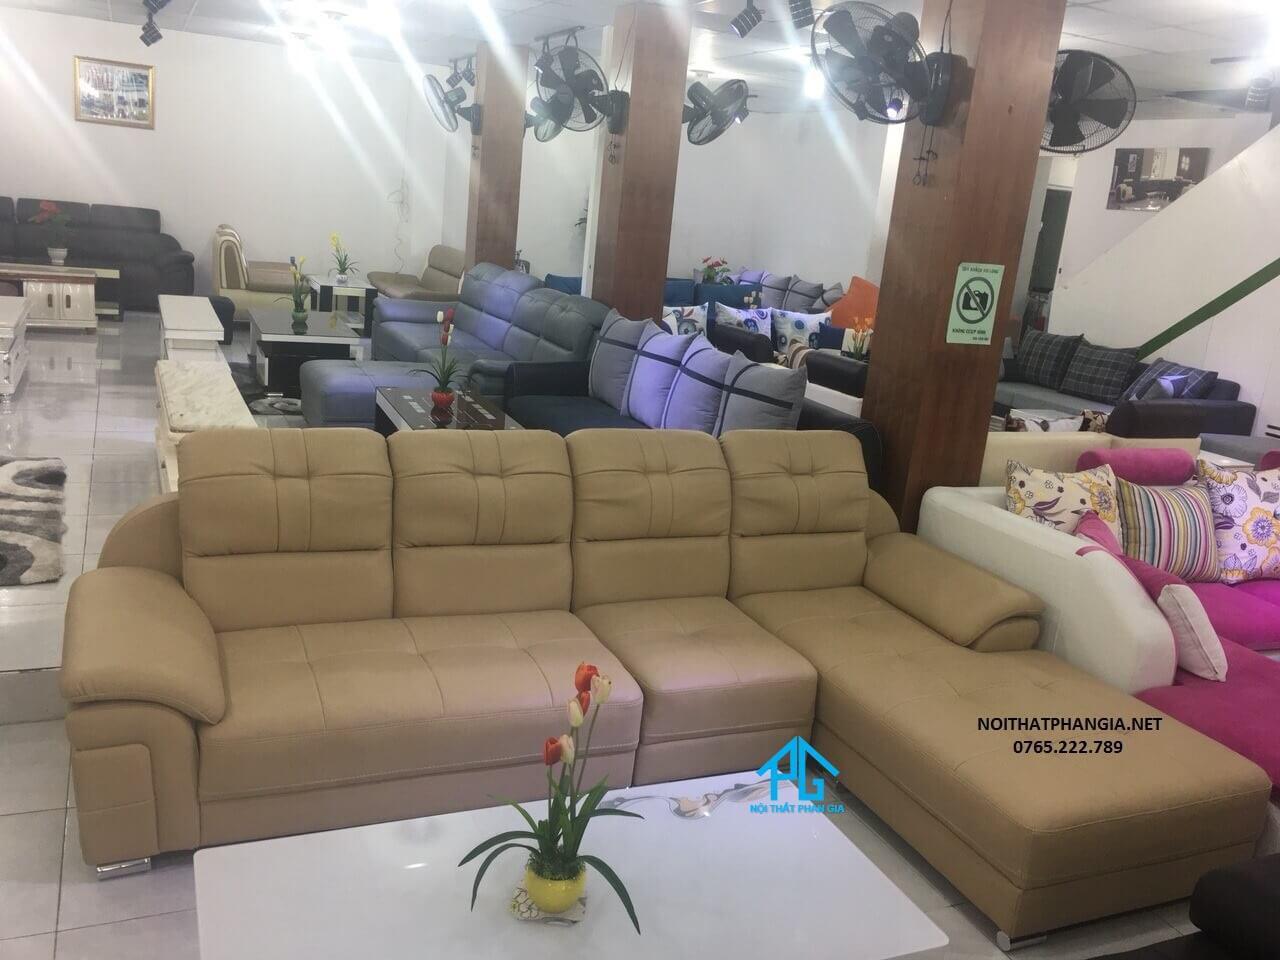 ghế sofa phòng khách hiện đại giá rẻ hcm;